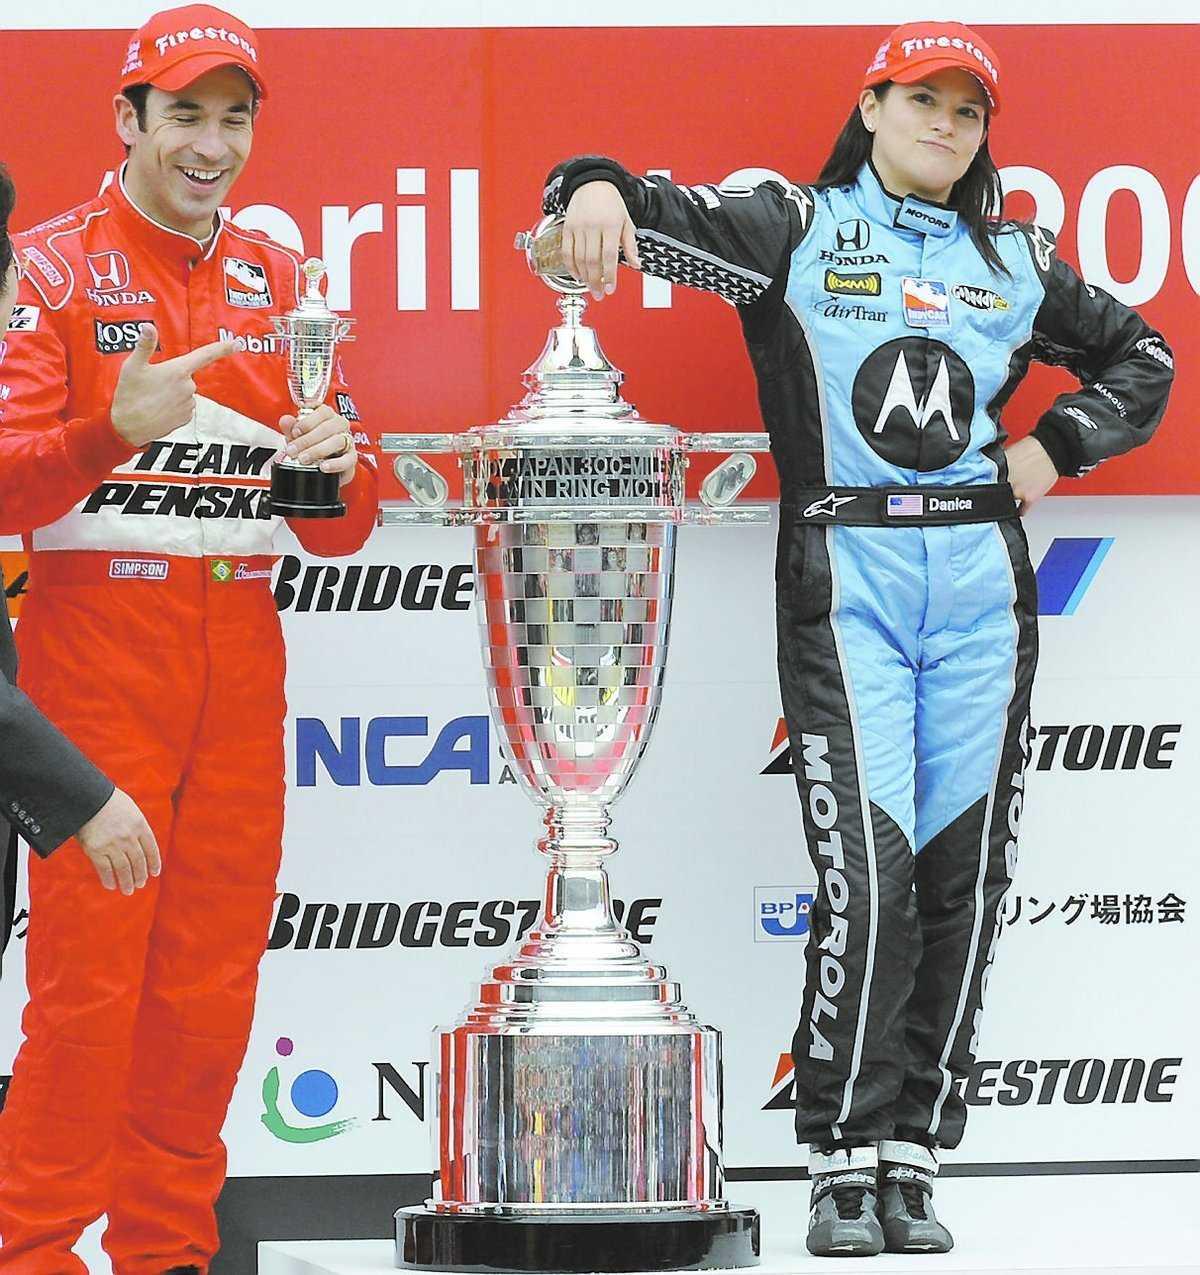 Högst på pallen Danica Patrick kan bli första kvinna i Formel 1-cirkusen.